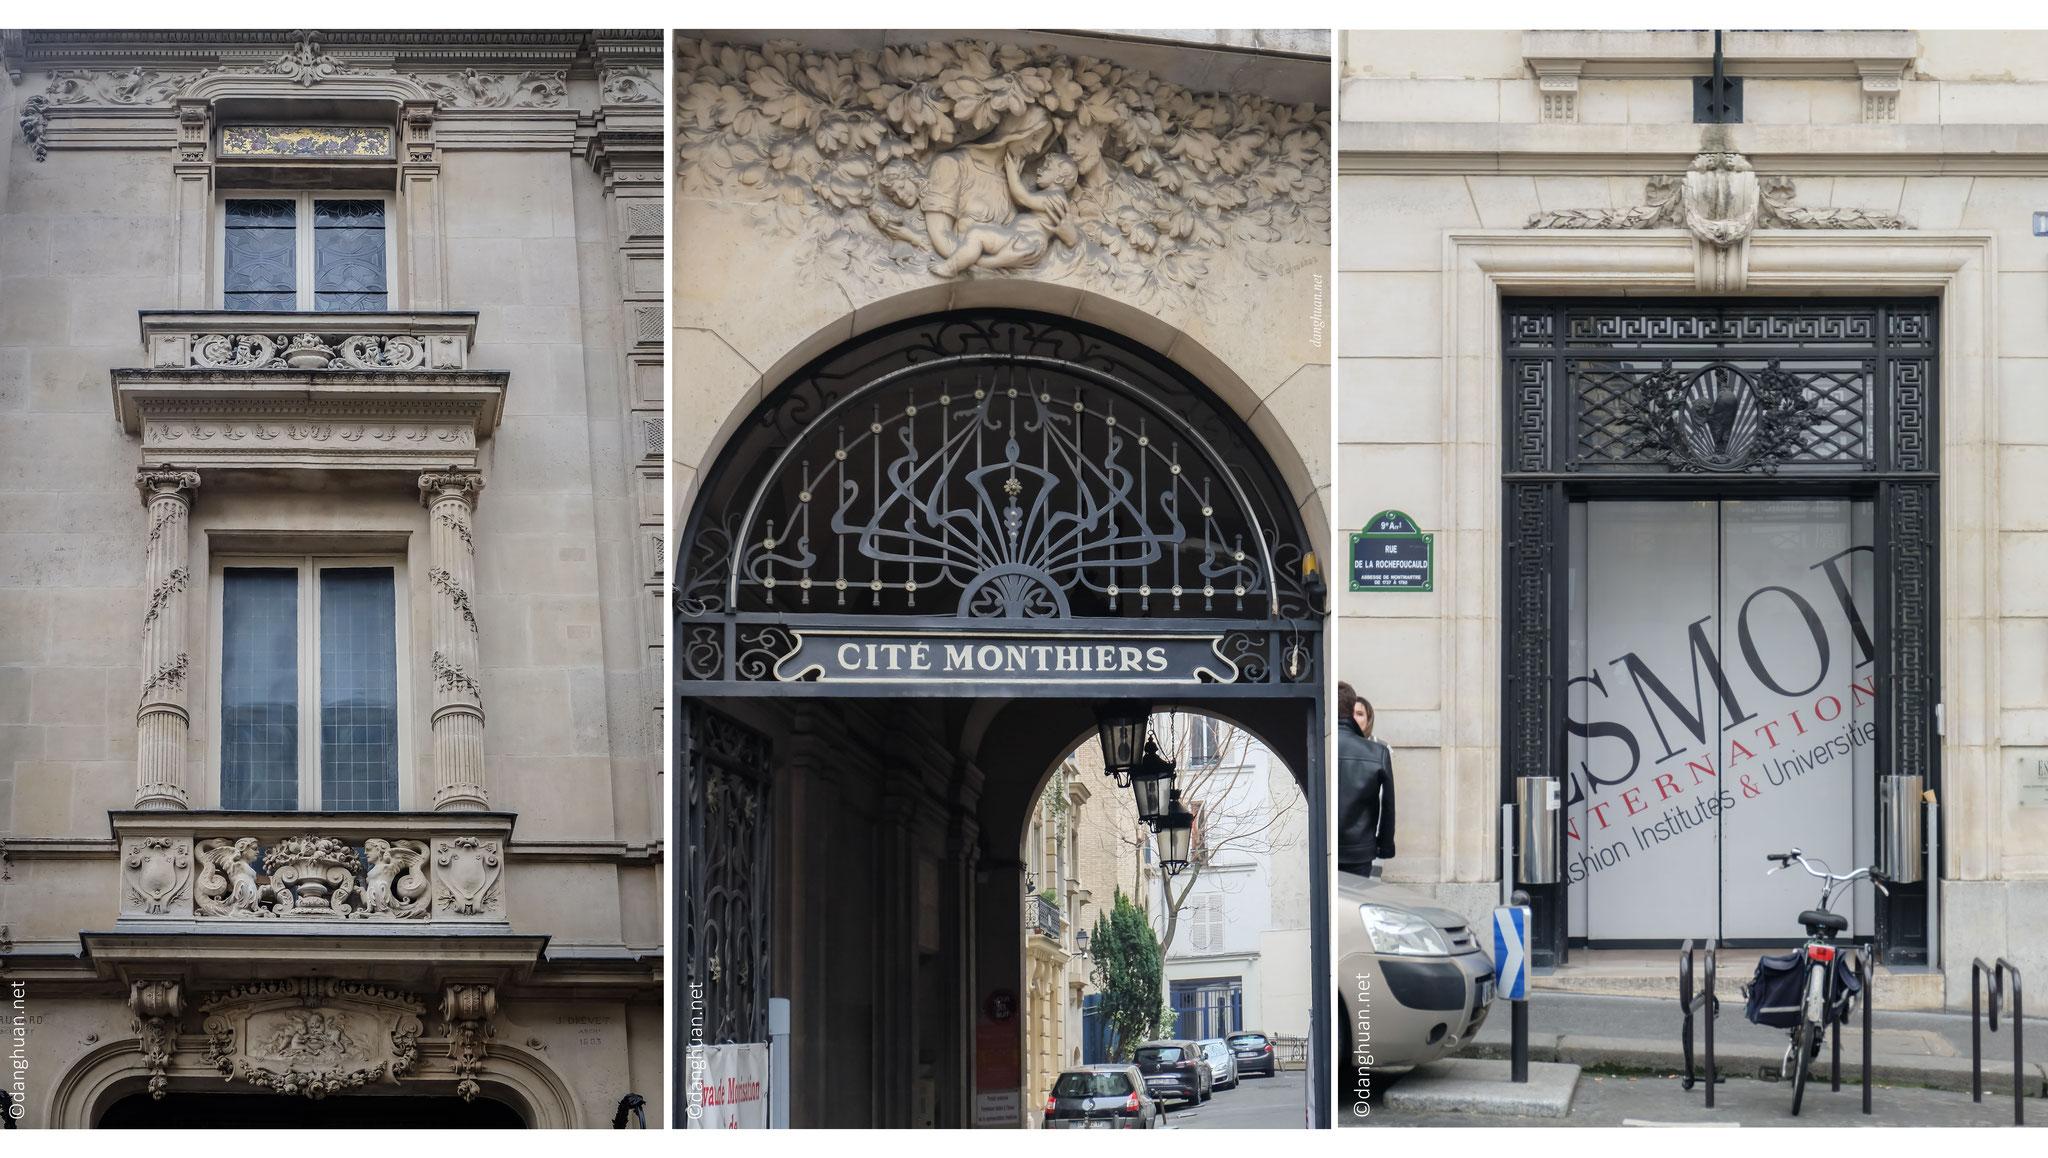 Cité Monthiers, formée en 1878 qui porte le nom d'un ancien propriétaire. L'école de mode ESMOD a déménagé du Bld Montrmarte en 2005 pour s'installer au 12, rue de La Rochefoucauld